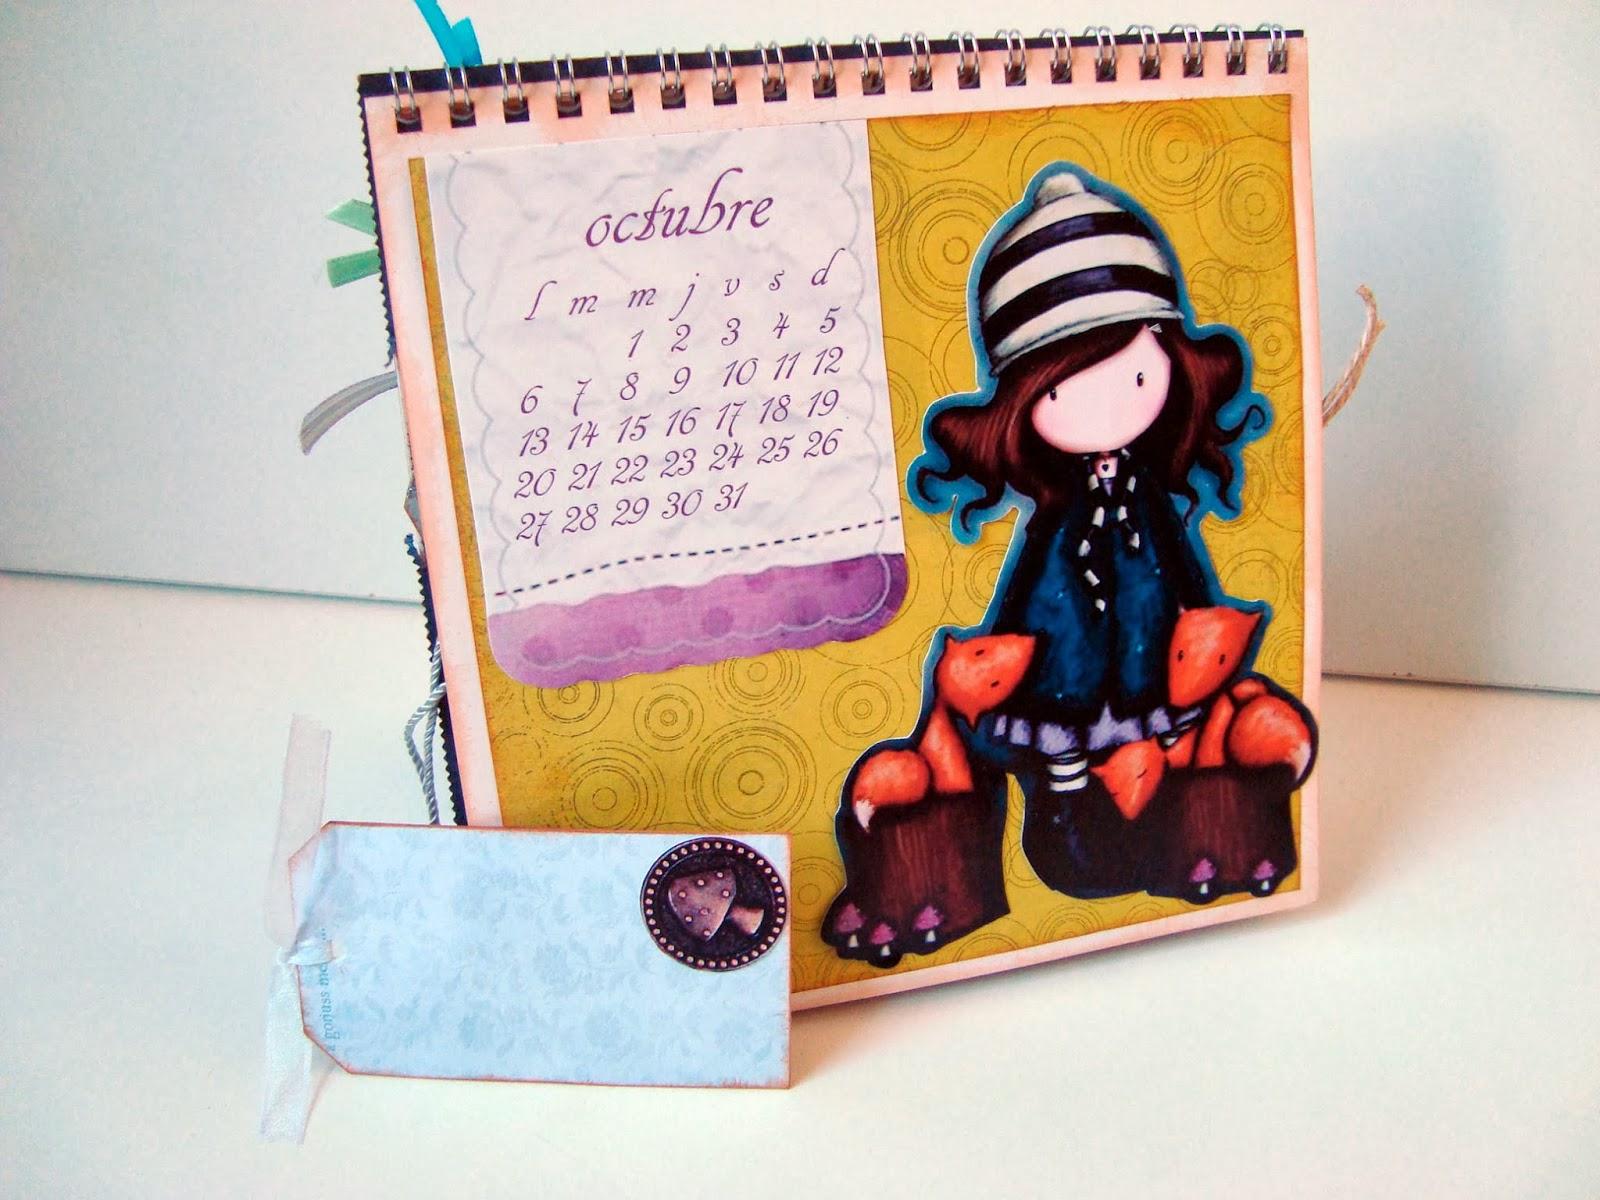 calendario_gorjuss_octubre2